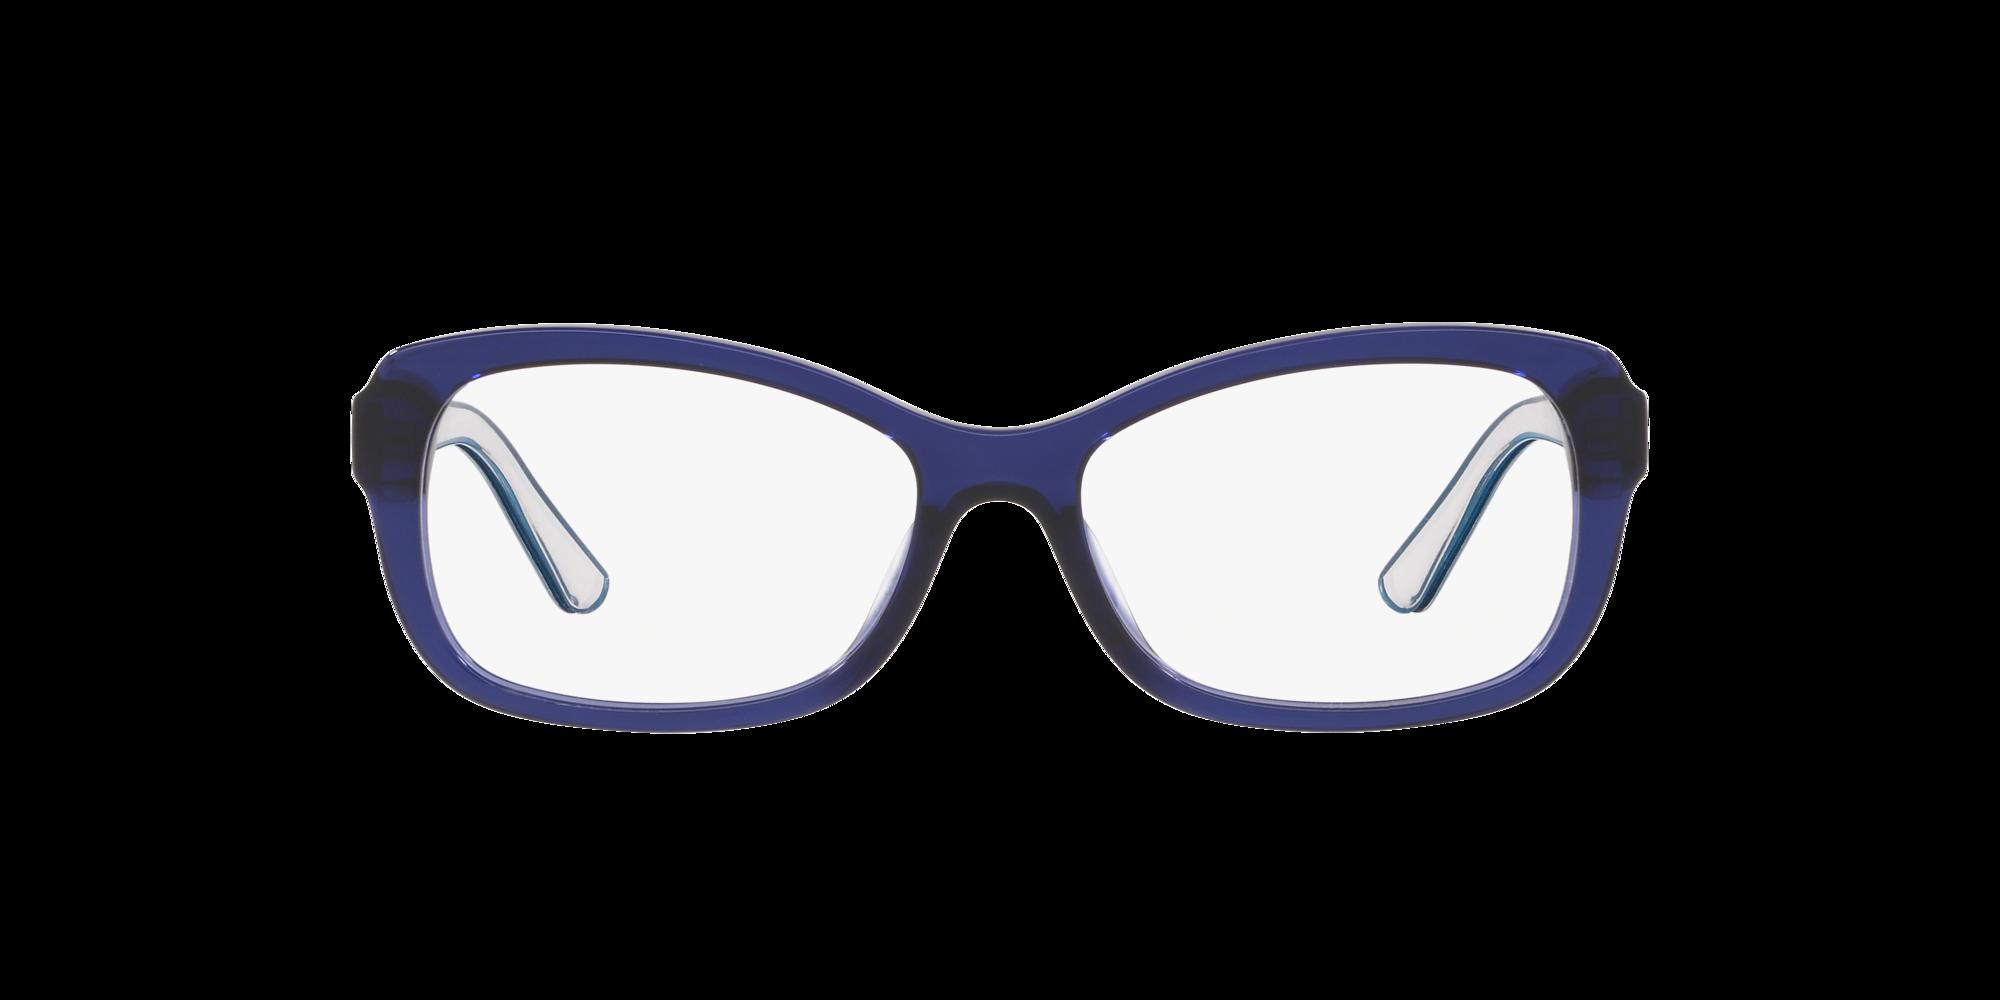 Imagen para TY2095U de LensCrafters |  Espejuelos, espejuelos graduados en línea, gafas